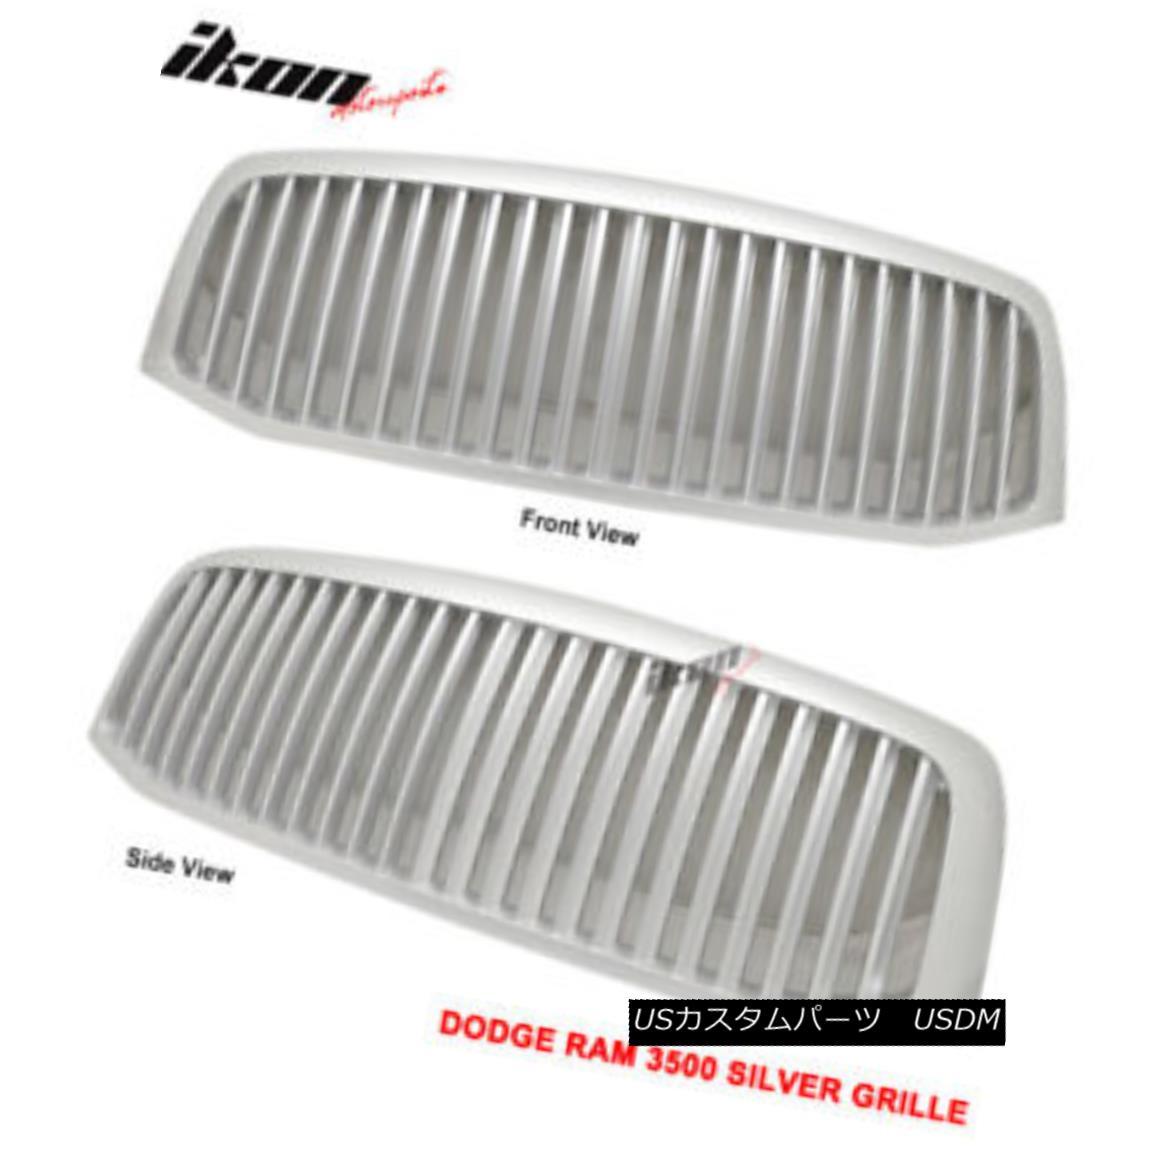 グリル Fits 06-08 Dodge Ram 1500 2500 Ram 3500 Front Vertical Silver Grill Hood Grille フィット06-08ダッジラム1500 2500ラム3500フロント垂直シルバーグリルフードグリル